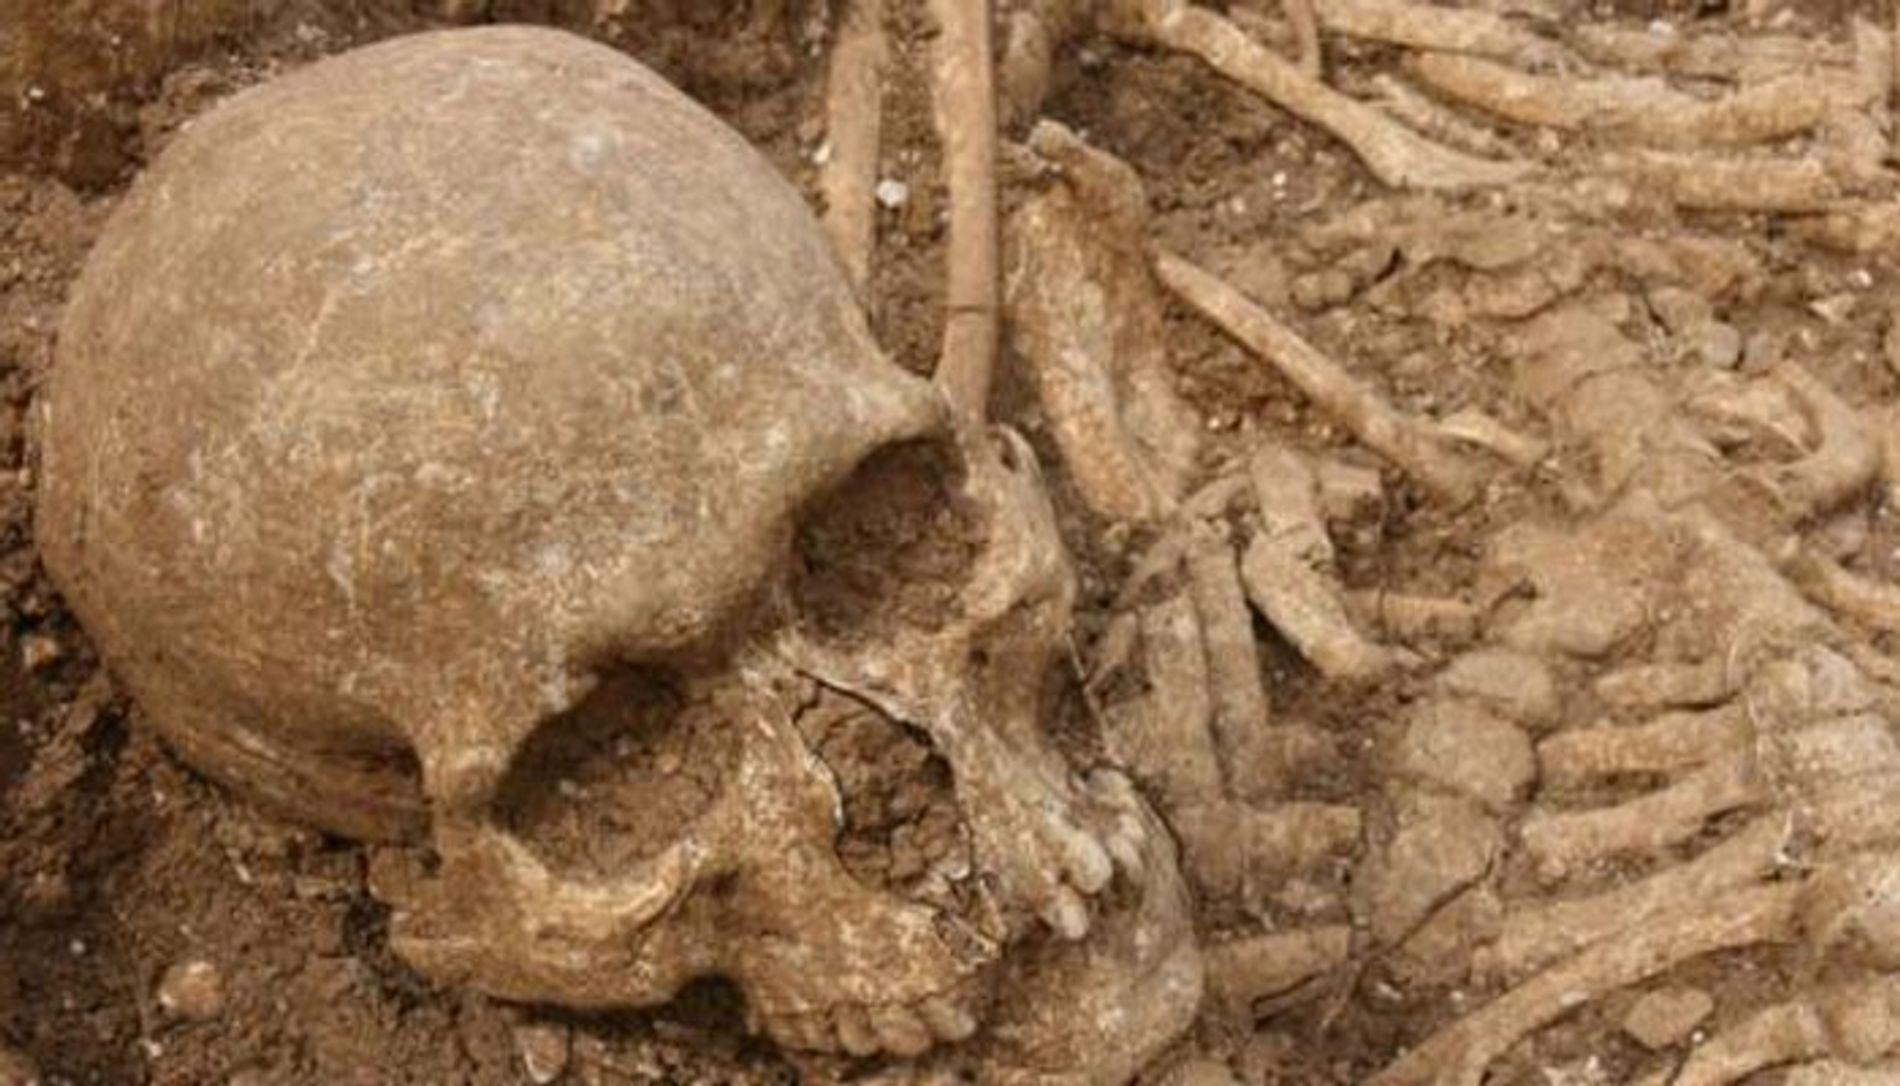 La tombe de Ridgeway Hill contenait les corps de 54 Vikings, tous décapités.